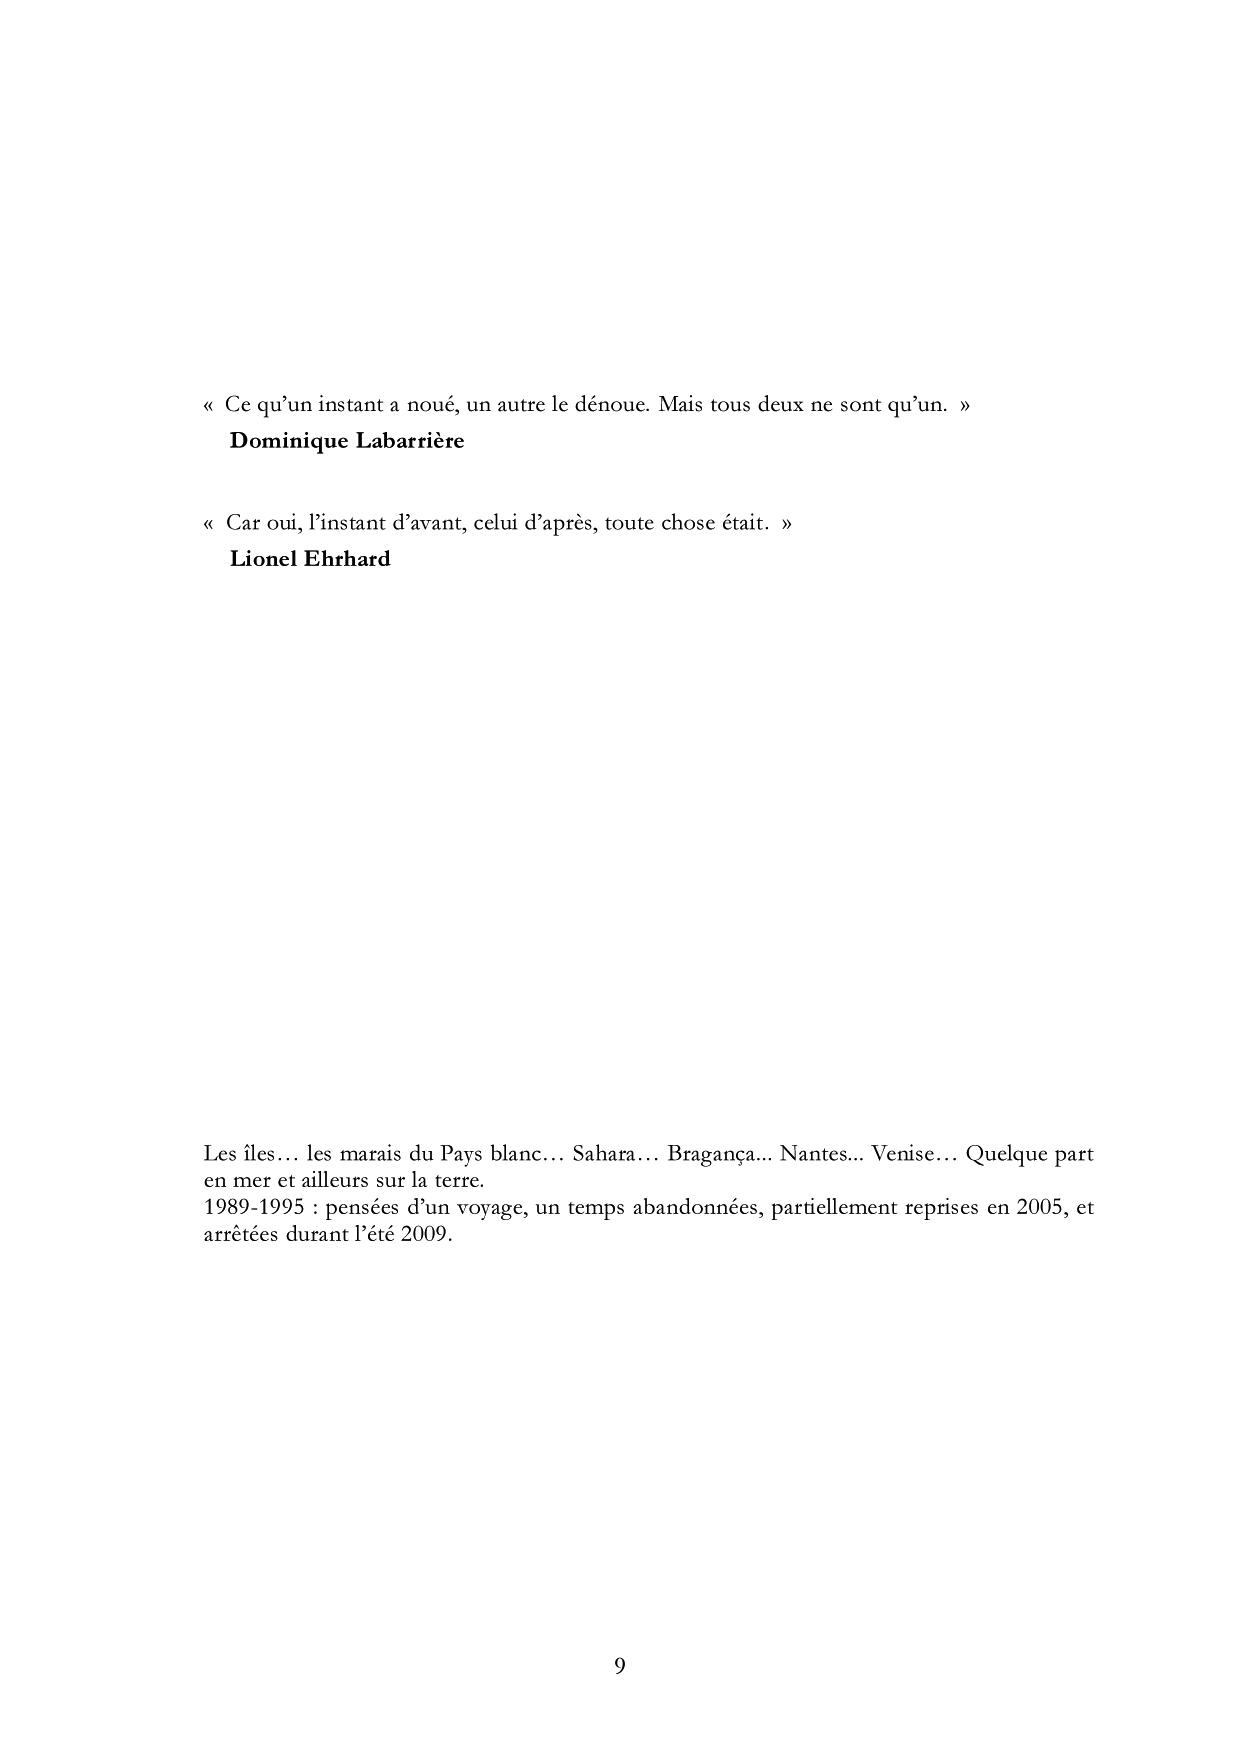 Bernard Neau, Extraits d'En amont de l'oubli (1989-1995) - inédit